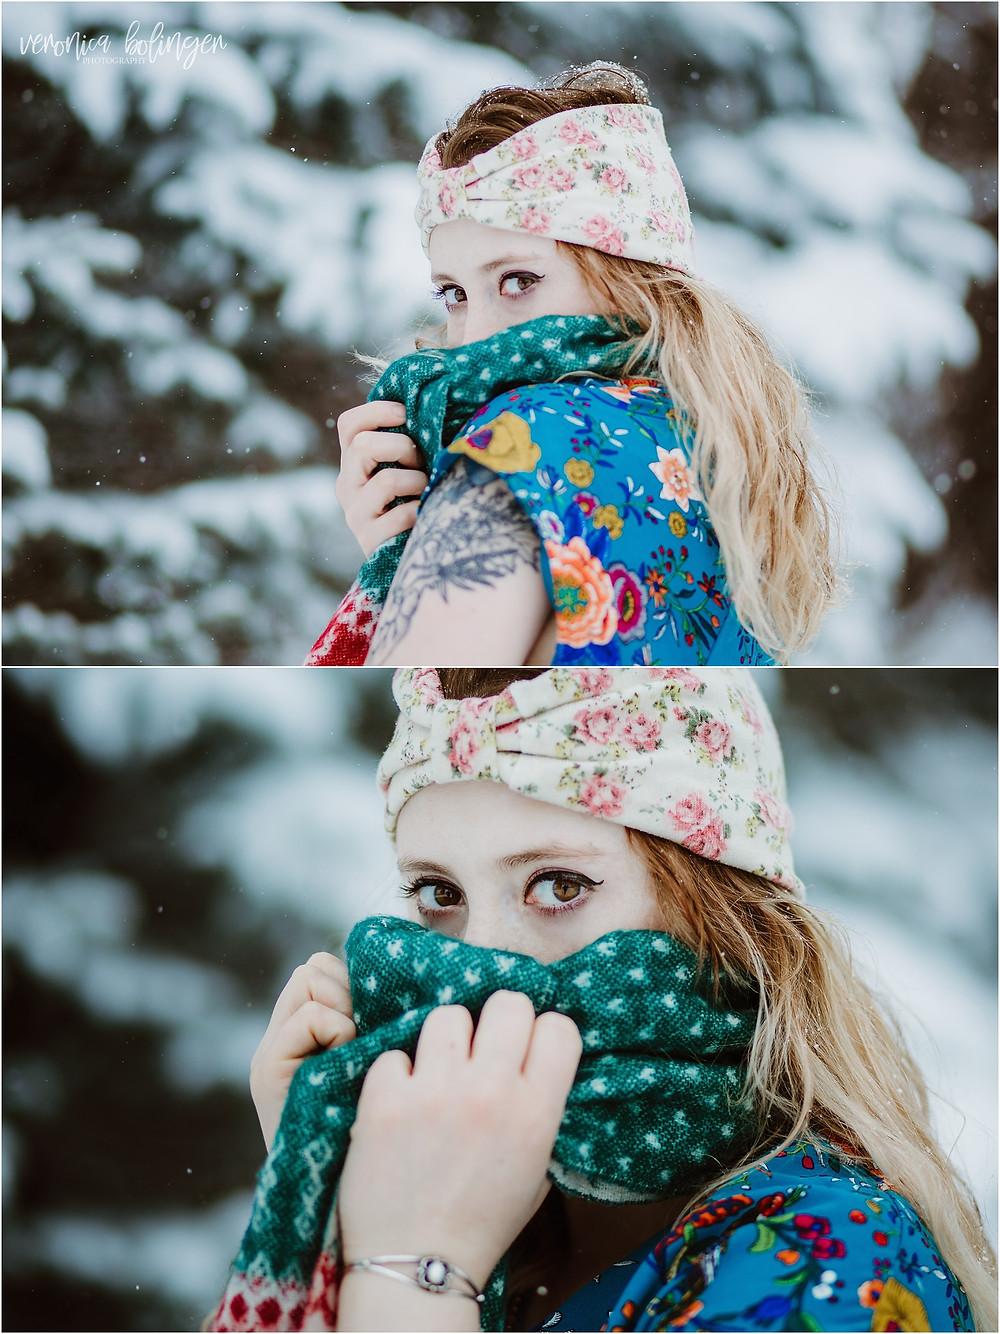 Iowa City Photographer, snowy day